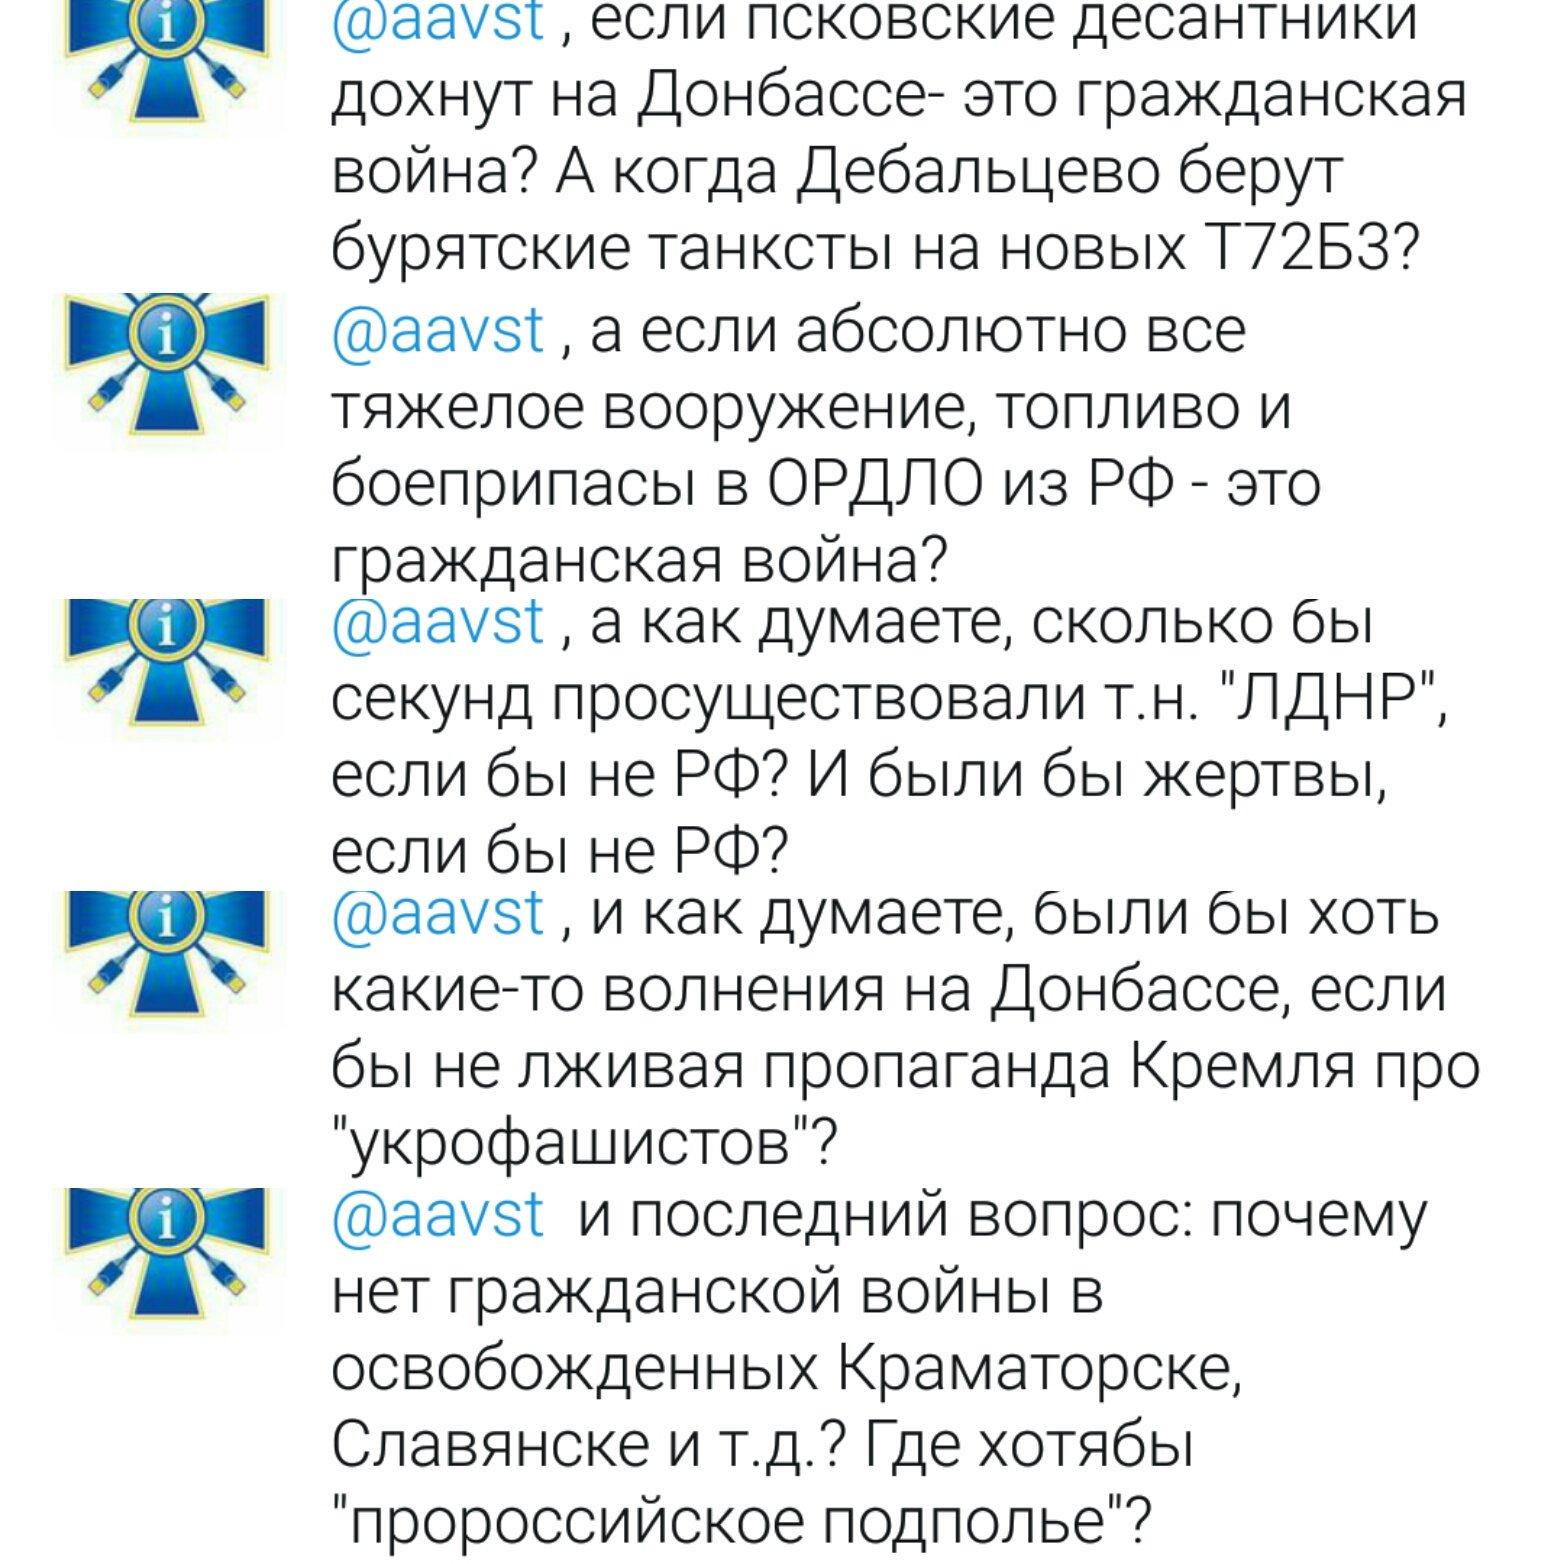 Глава Совфеда РФ Матвиенко: Не вижу логики в размещении миротворцев на границе РФ и Украины - Цензор.НЕТ 5389